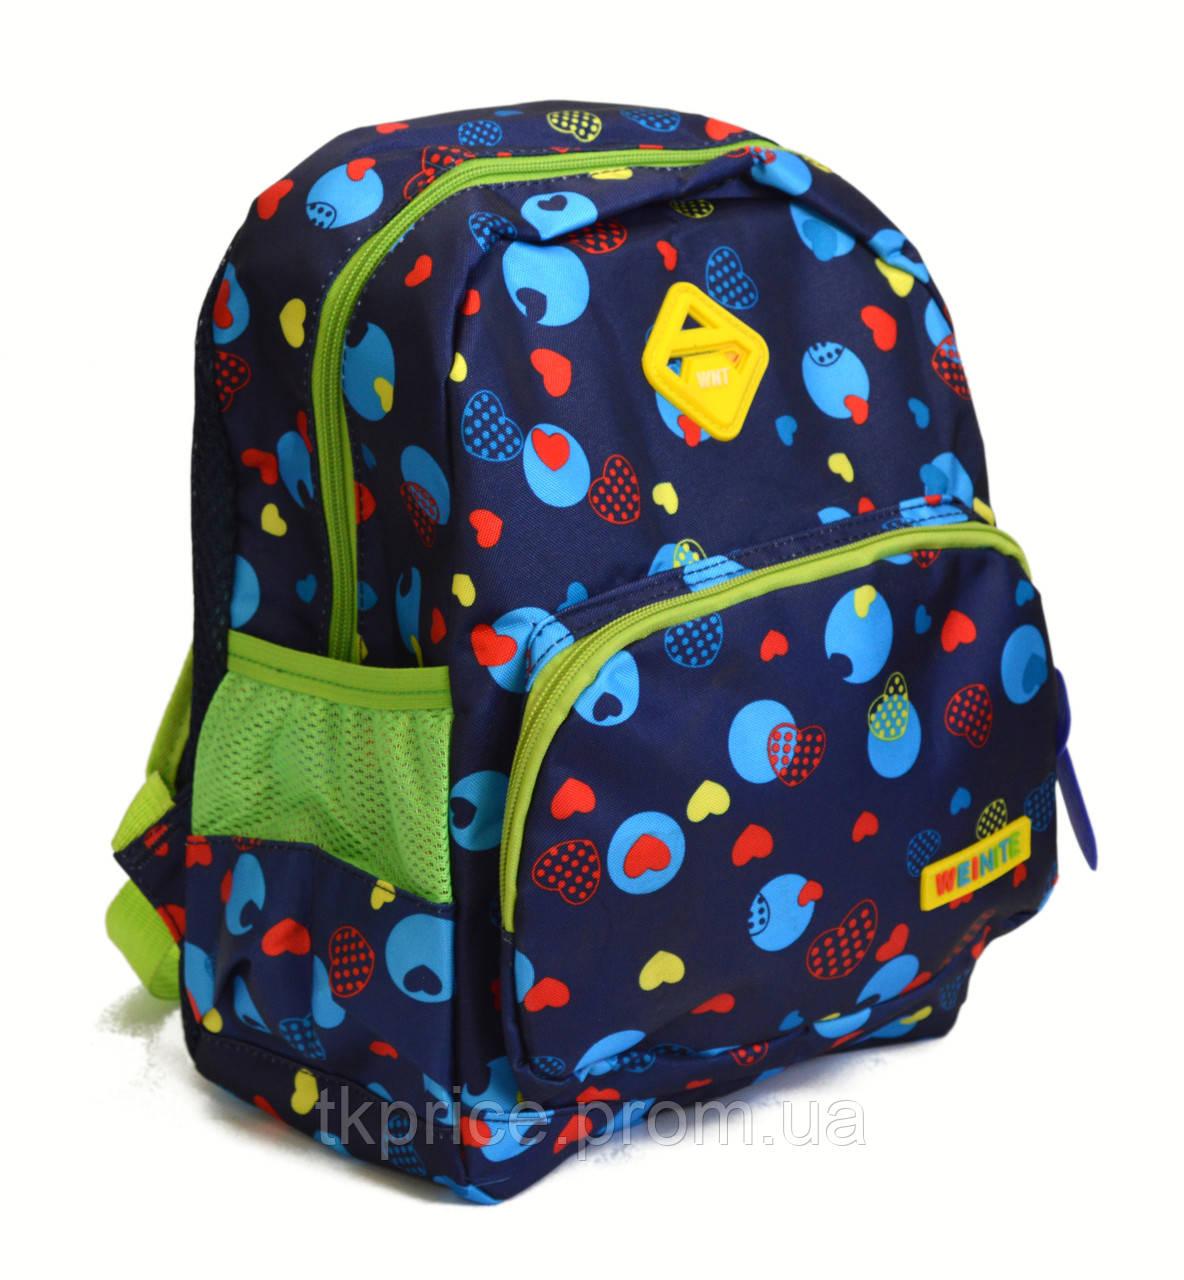 Детский рюкзак для мальчика синий